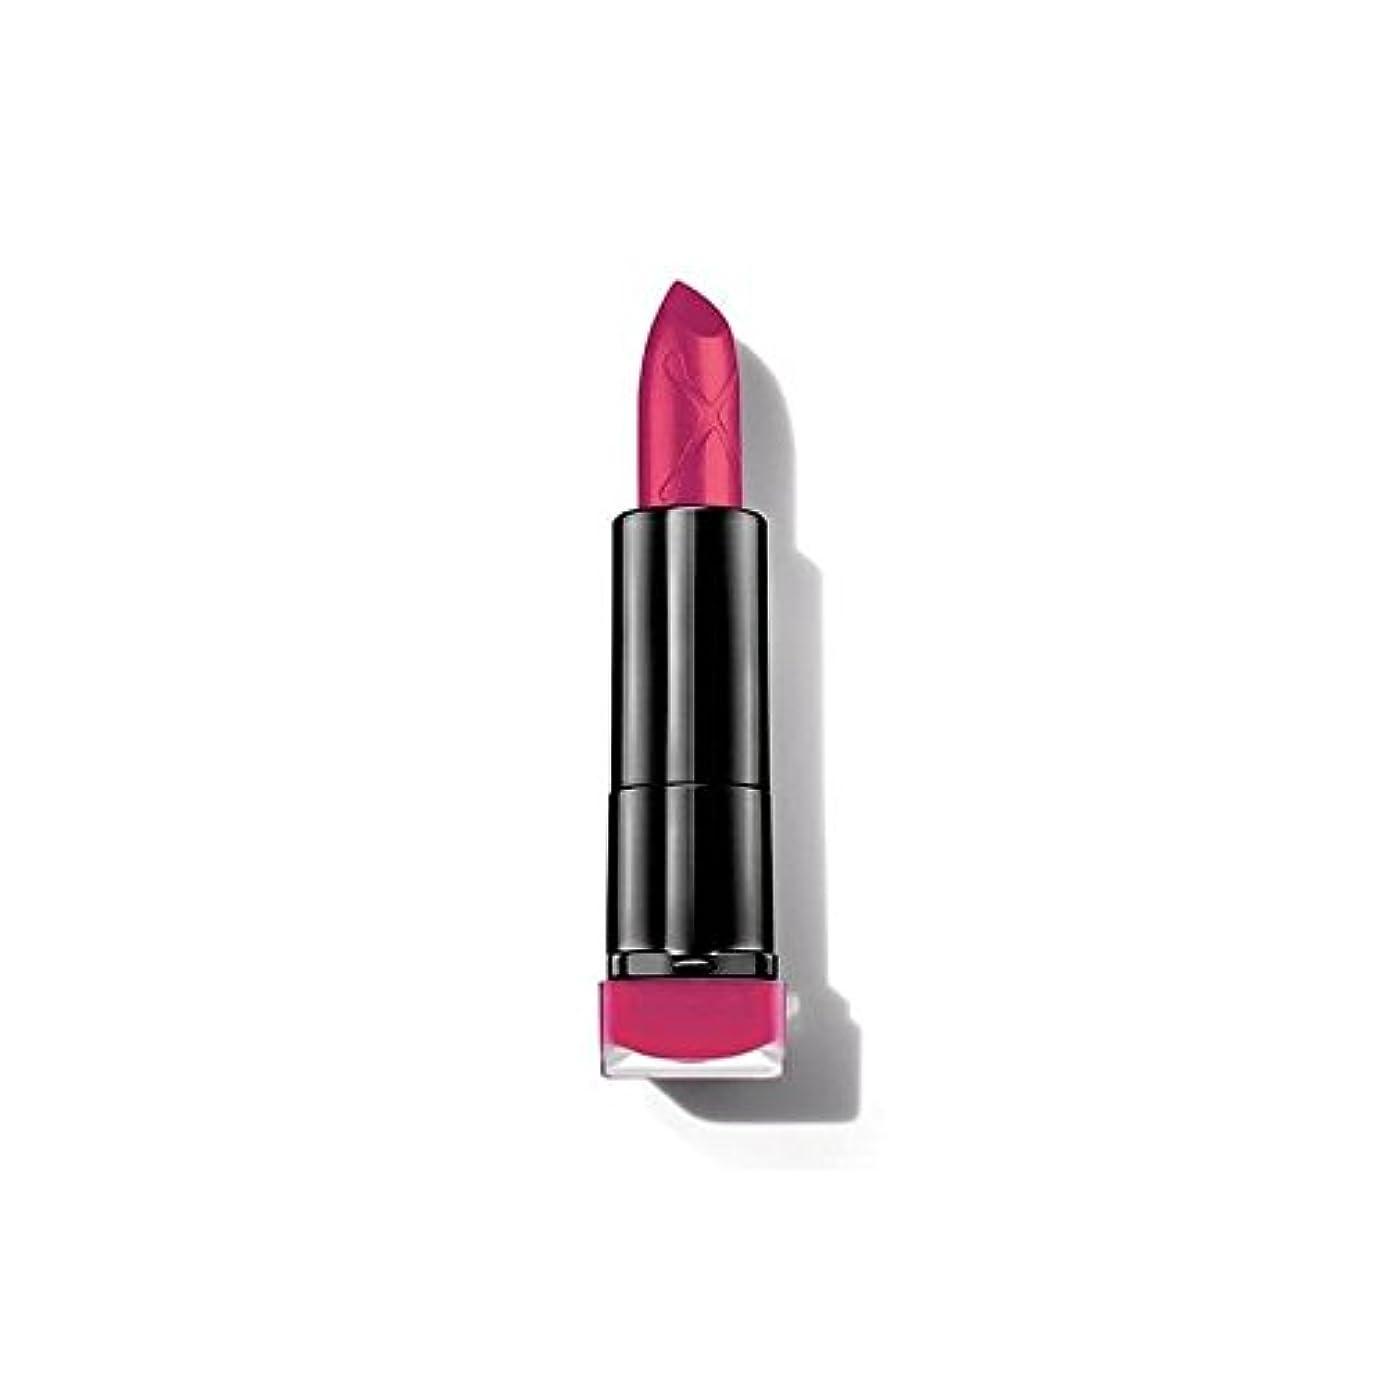 語意義アンテナMax Factor Colour Elixir Matte Bullet Lipstick Blush 25 - マックスファクターカラーエリキシルマット弾丸口紅赤面25 [並行輸入品]